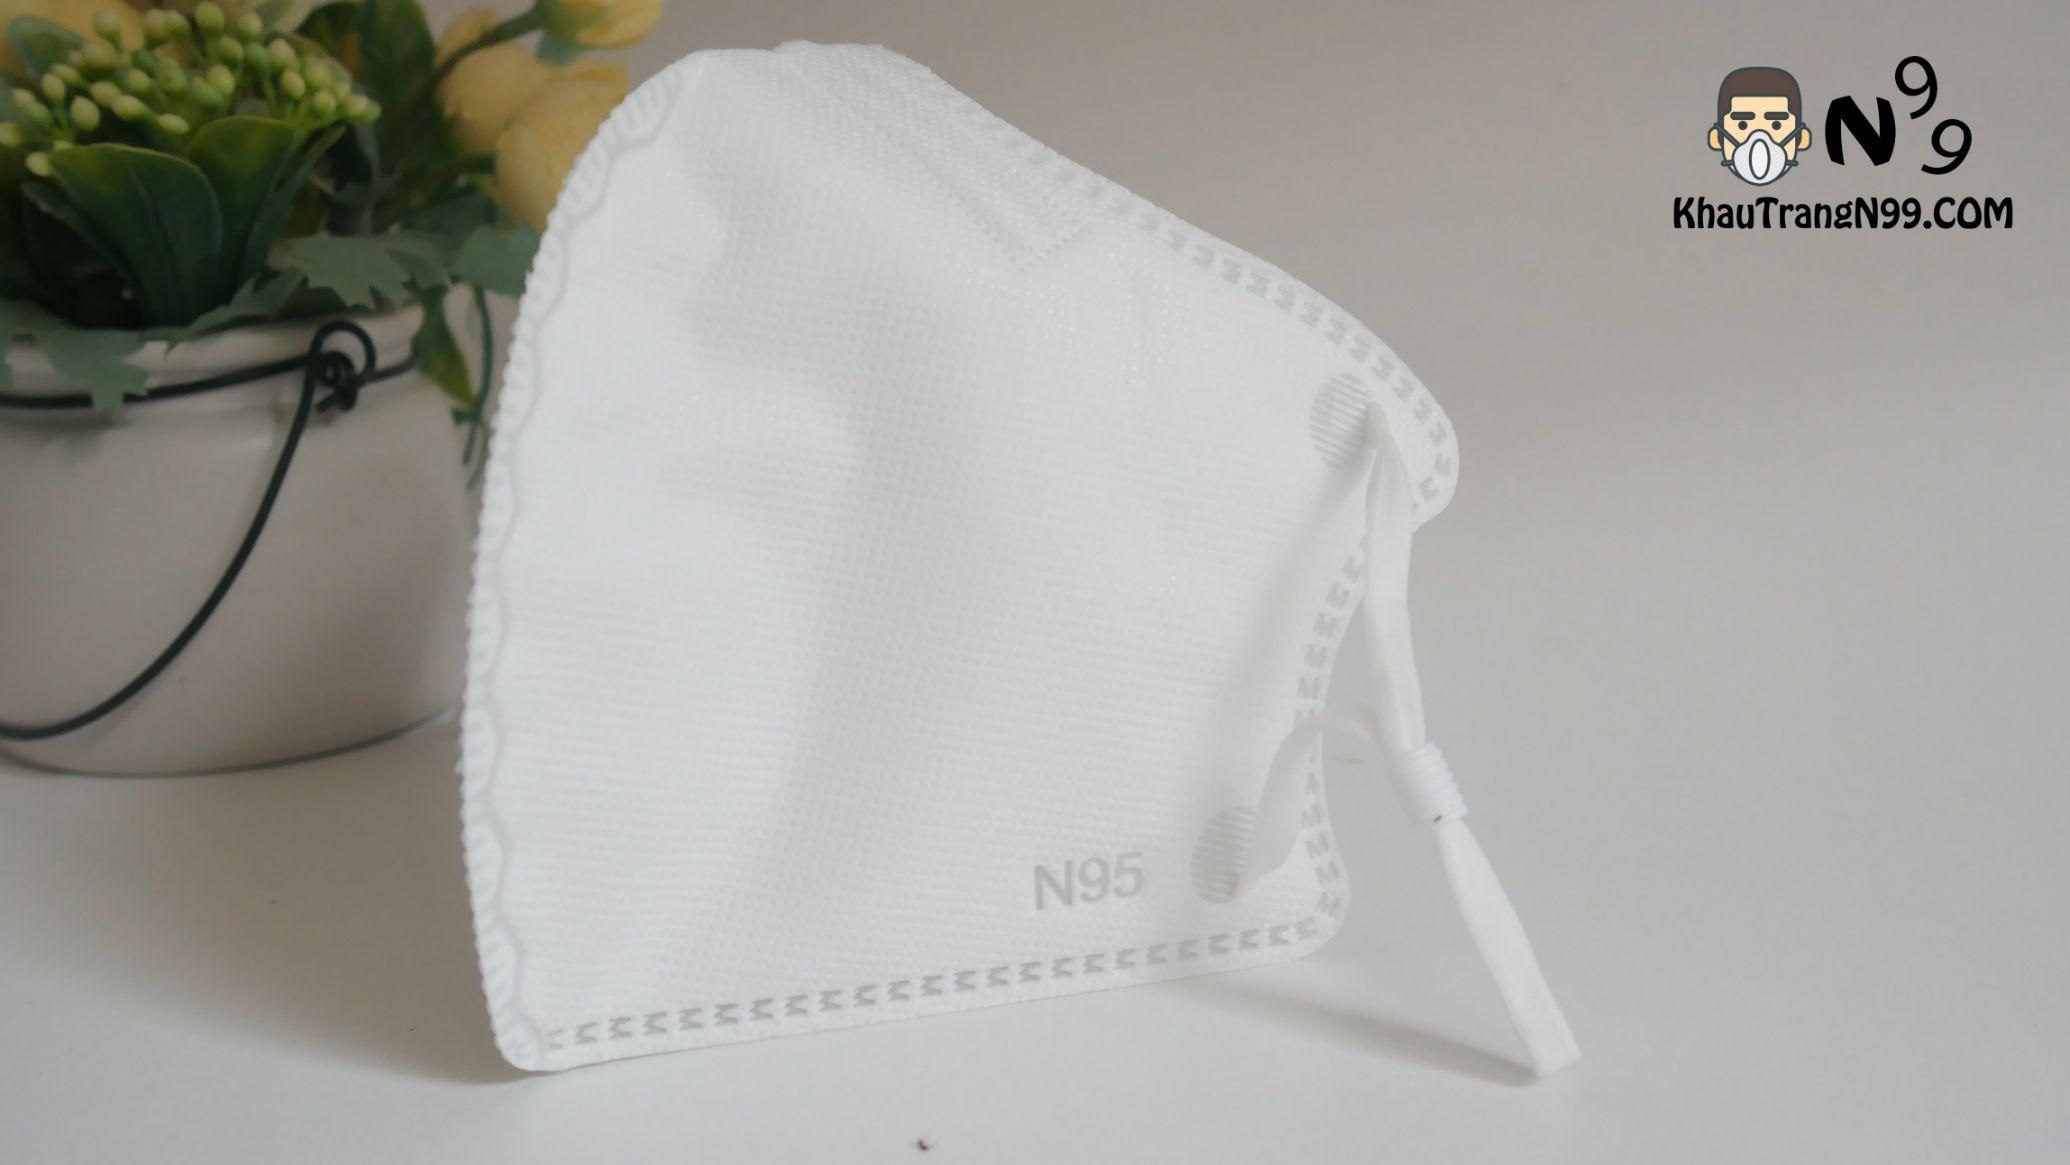 Khẩu trang mona mask màu trắng n95 (4)